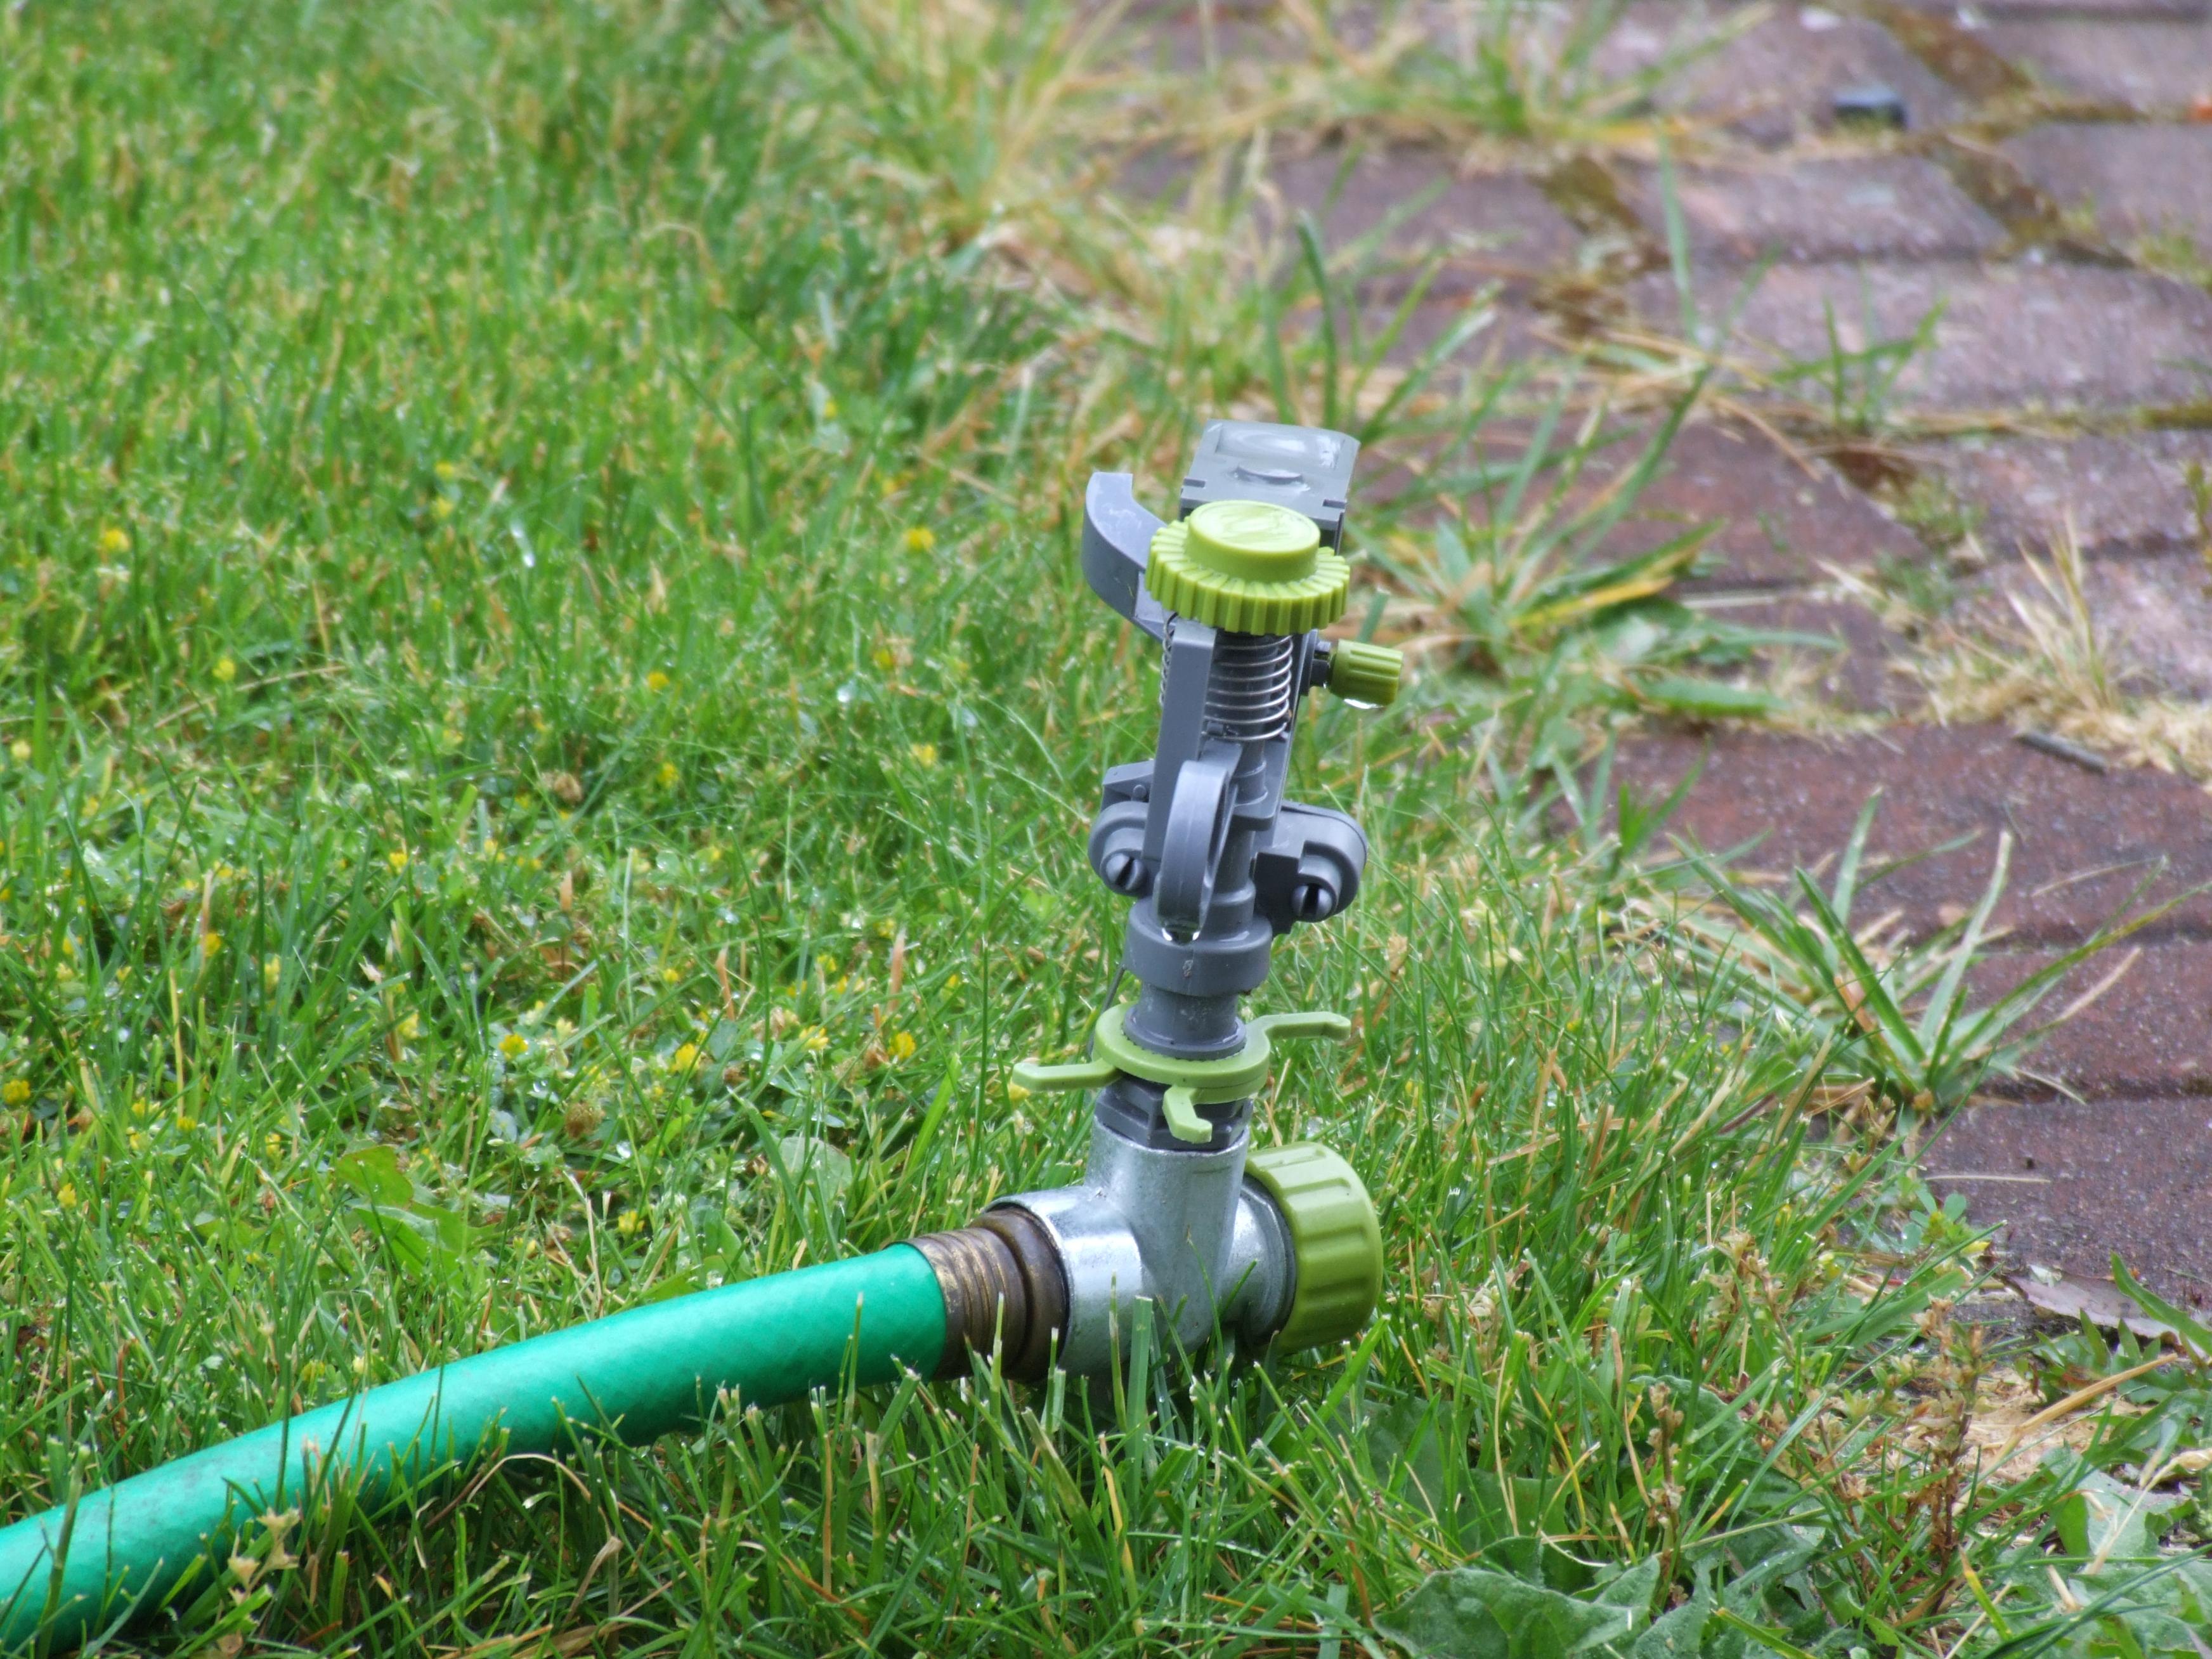 как правильно поливать газон